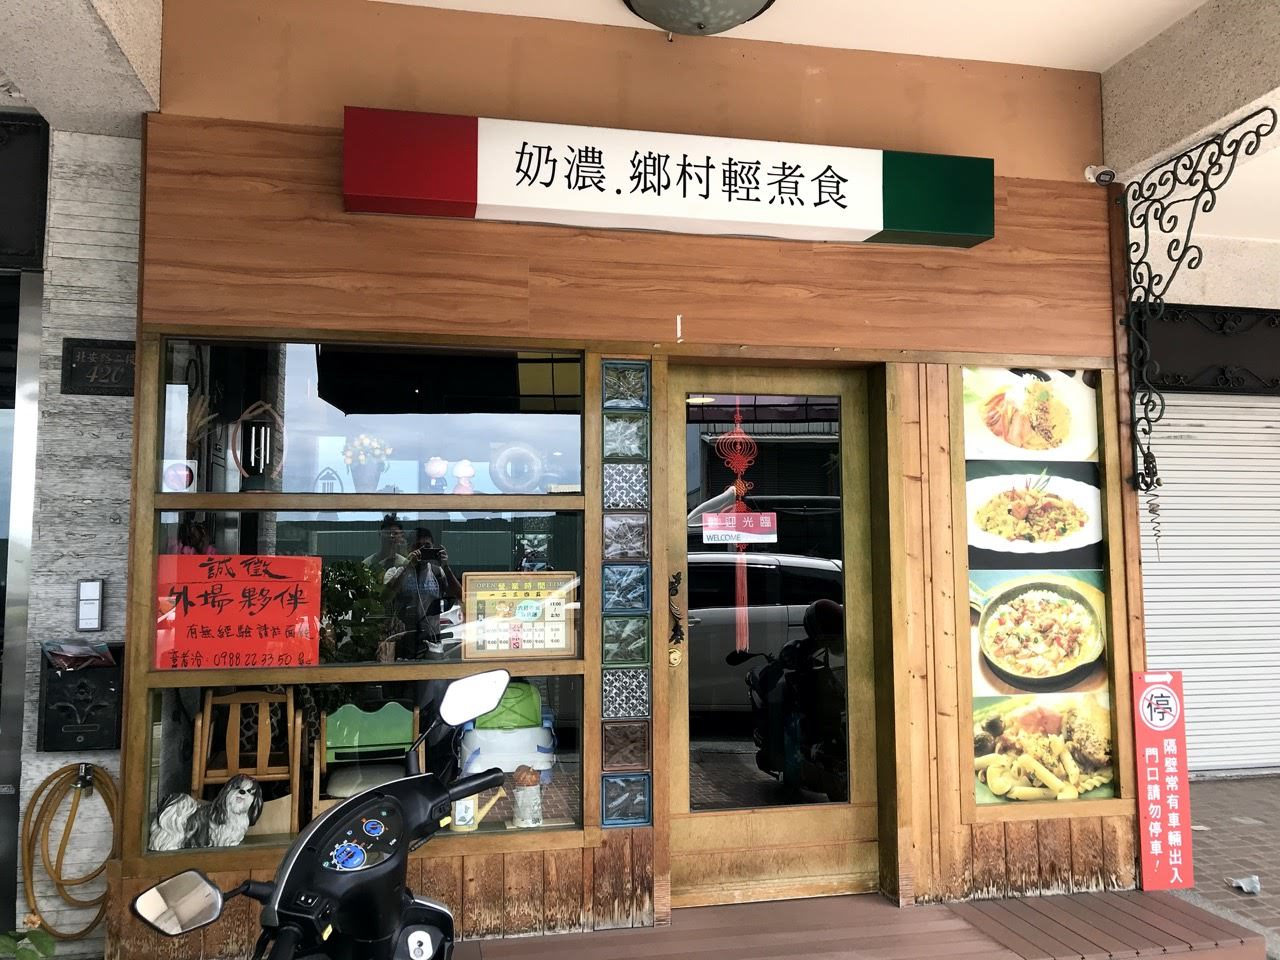 【台南 安南】奶濃。廚房 親子友善的溫馨義式小店